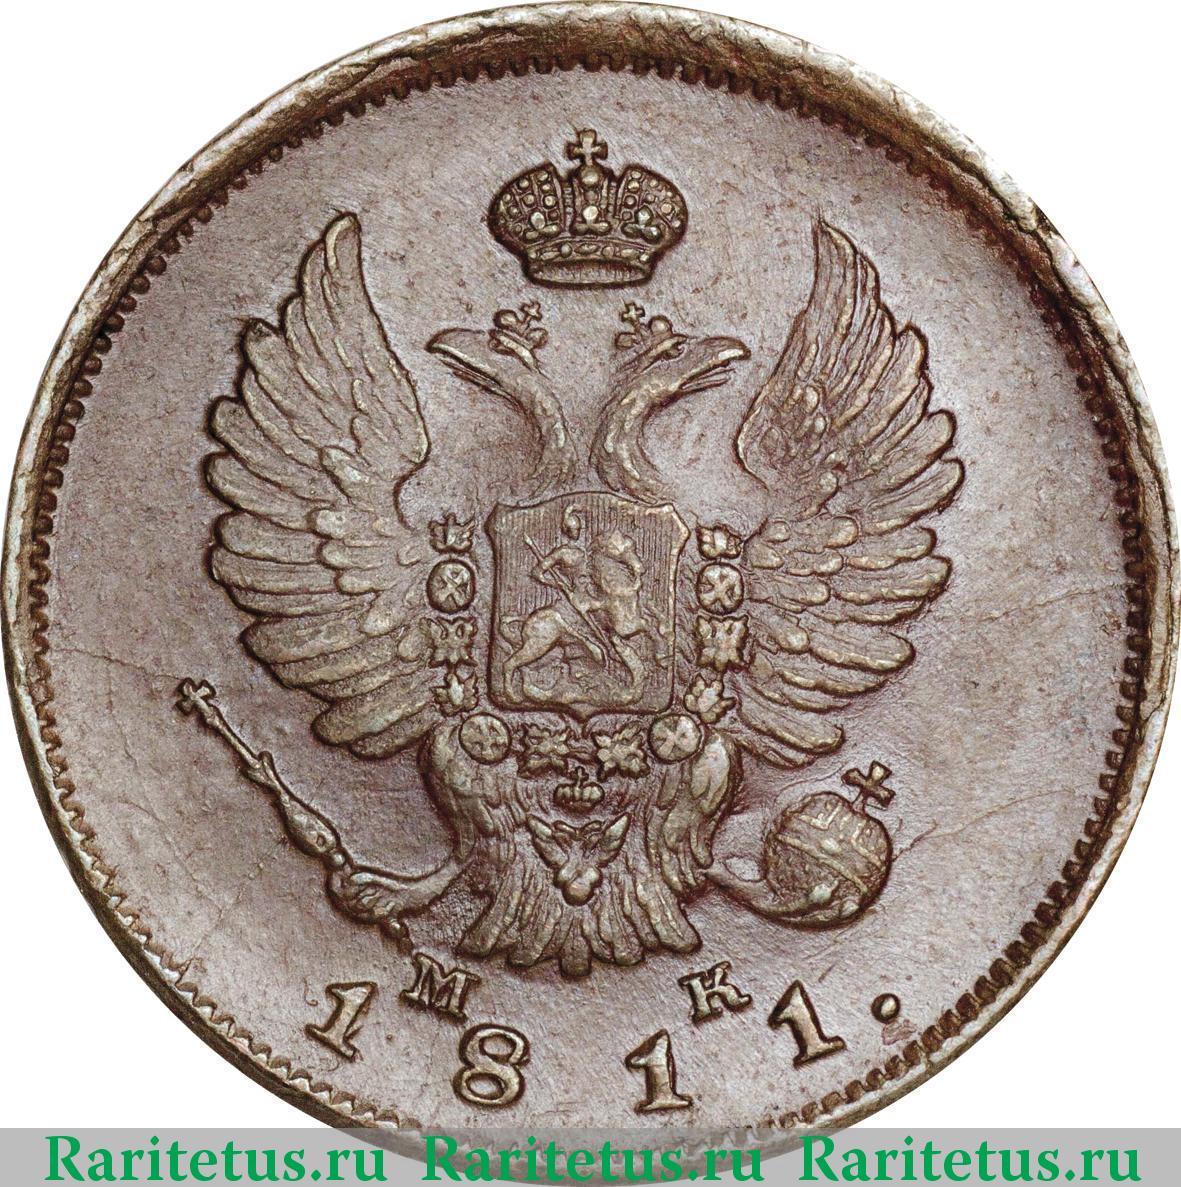 2 копейки 1811 года цена в украине знак старший пограннаряда